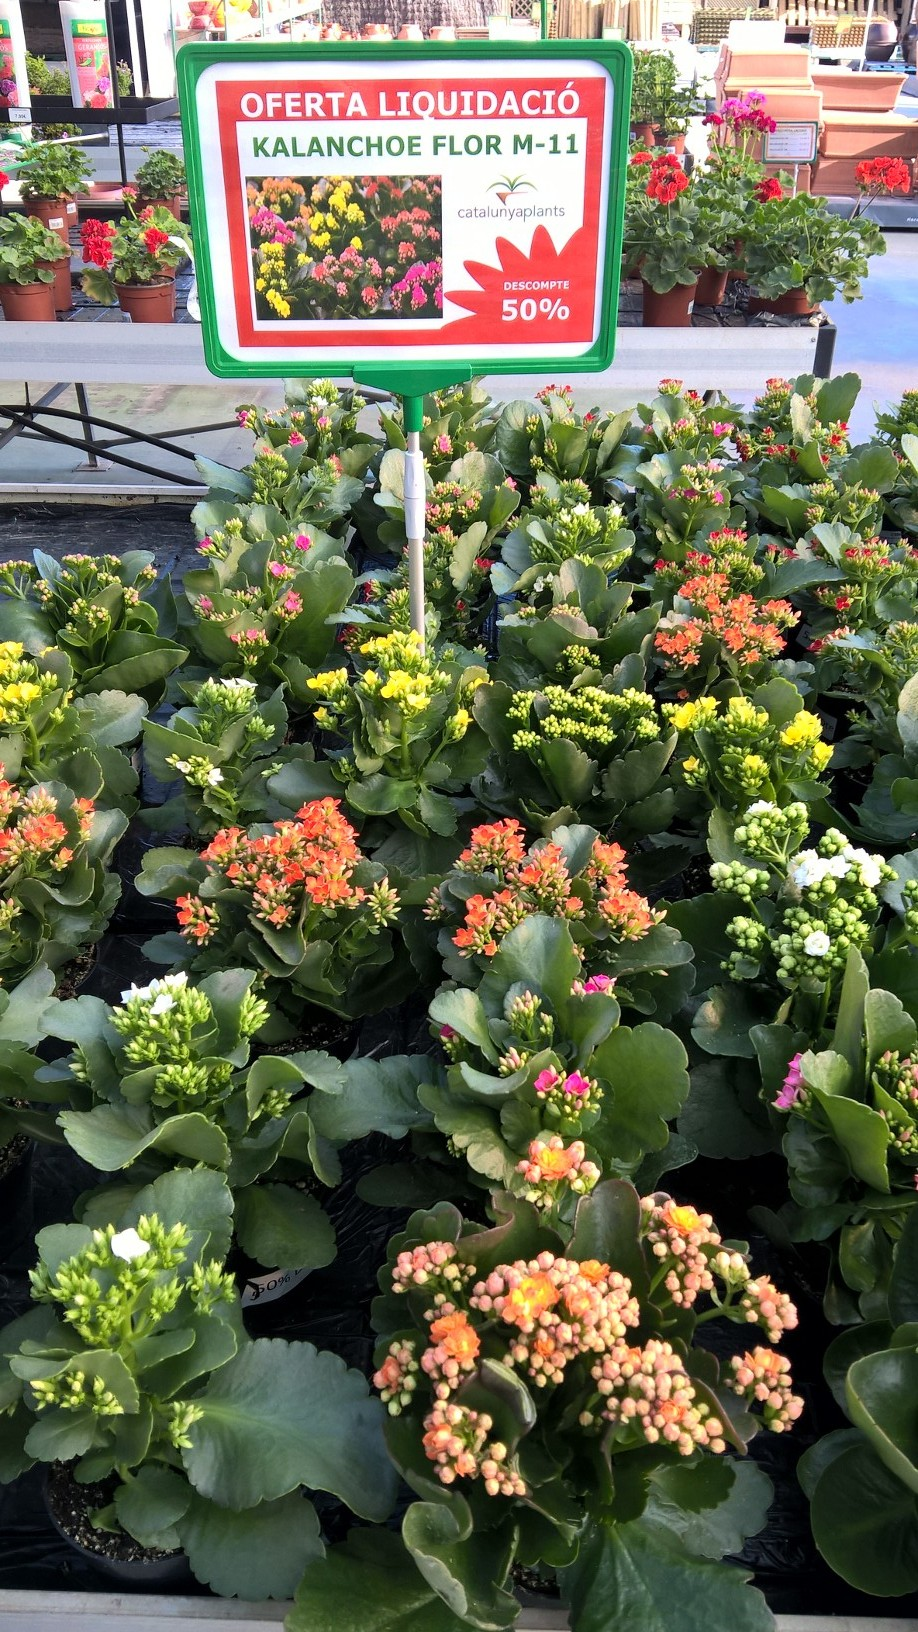 oferta especial kalanchoe en flor con un 50 de descuento